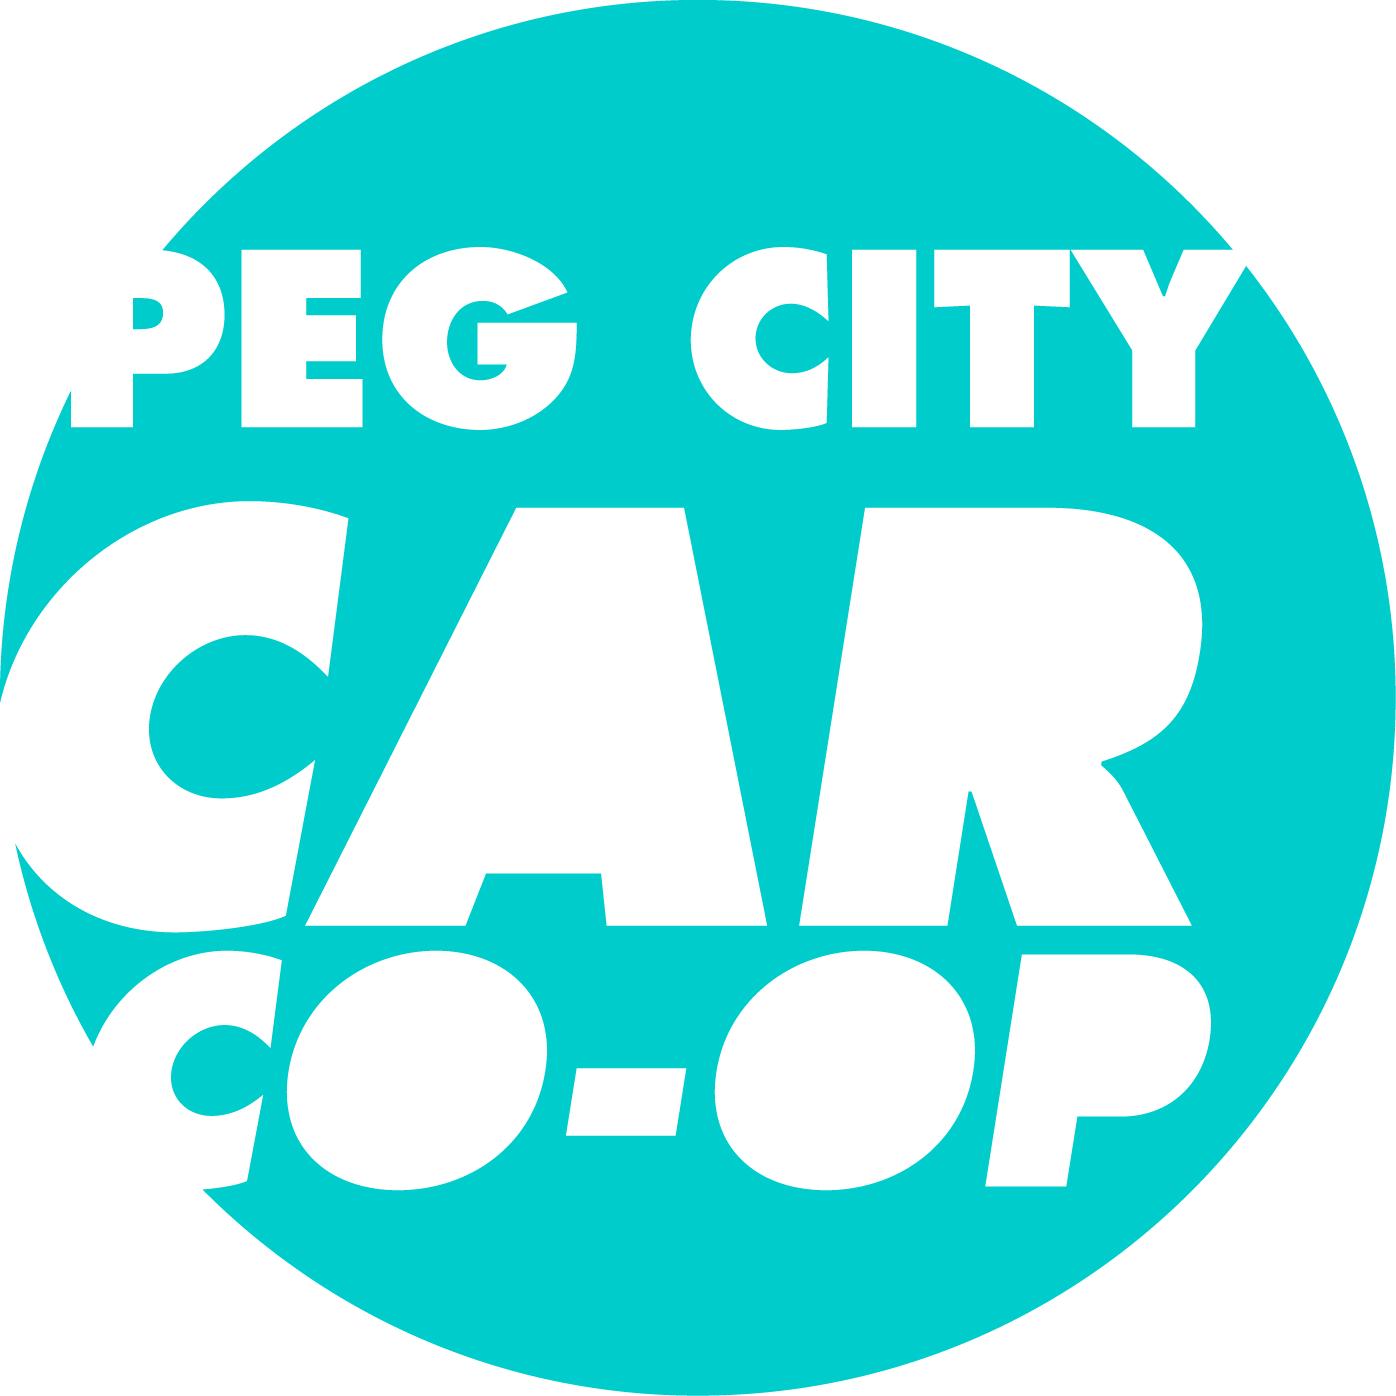 PegCity-BLUE